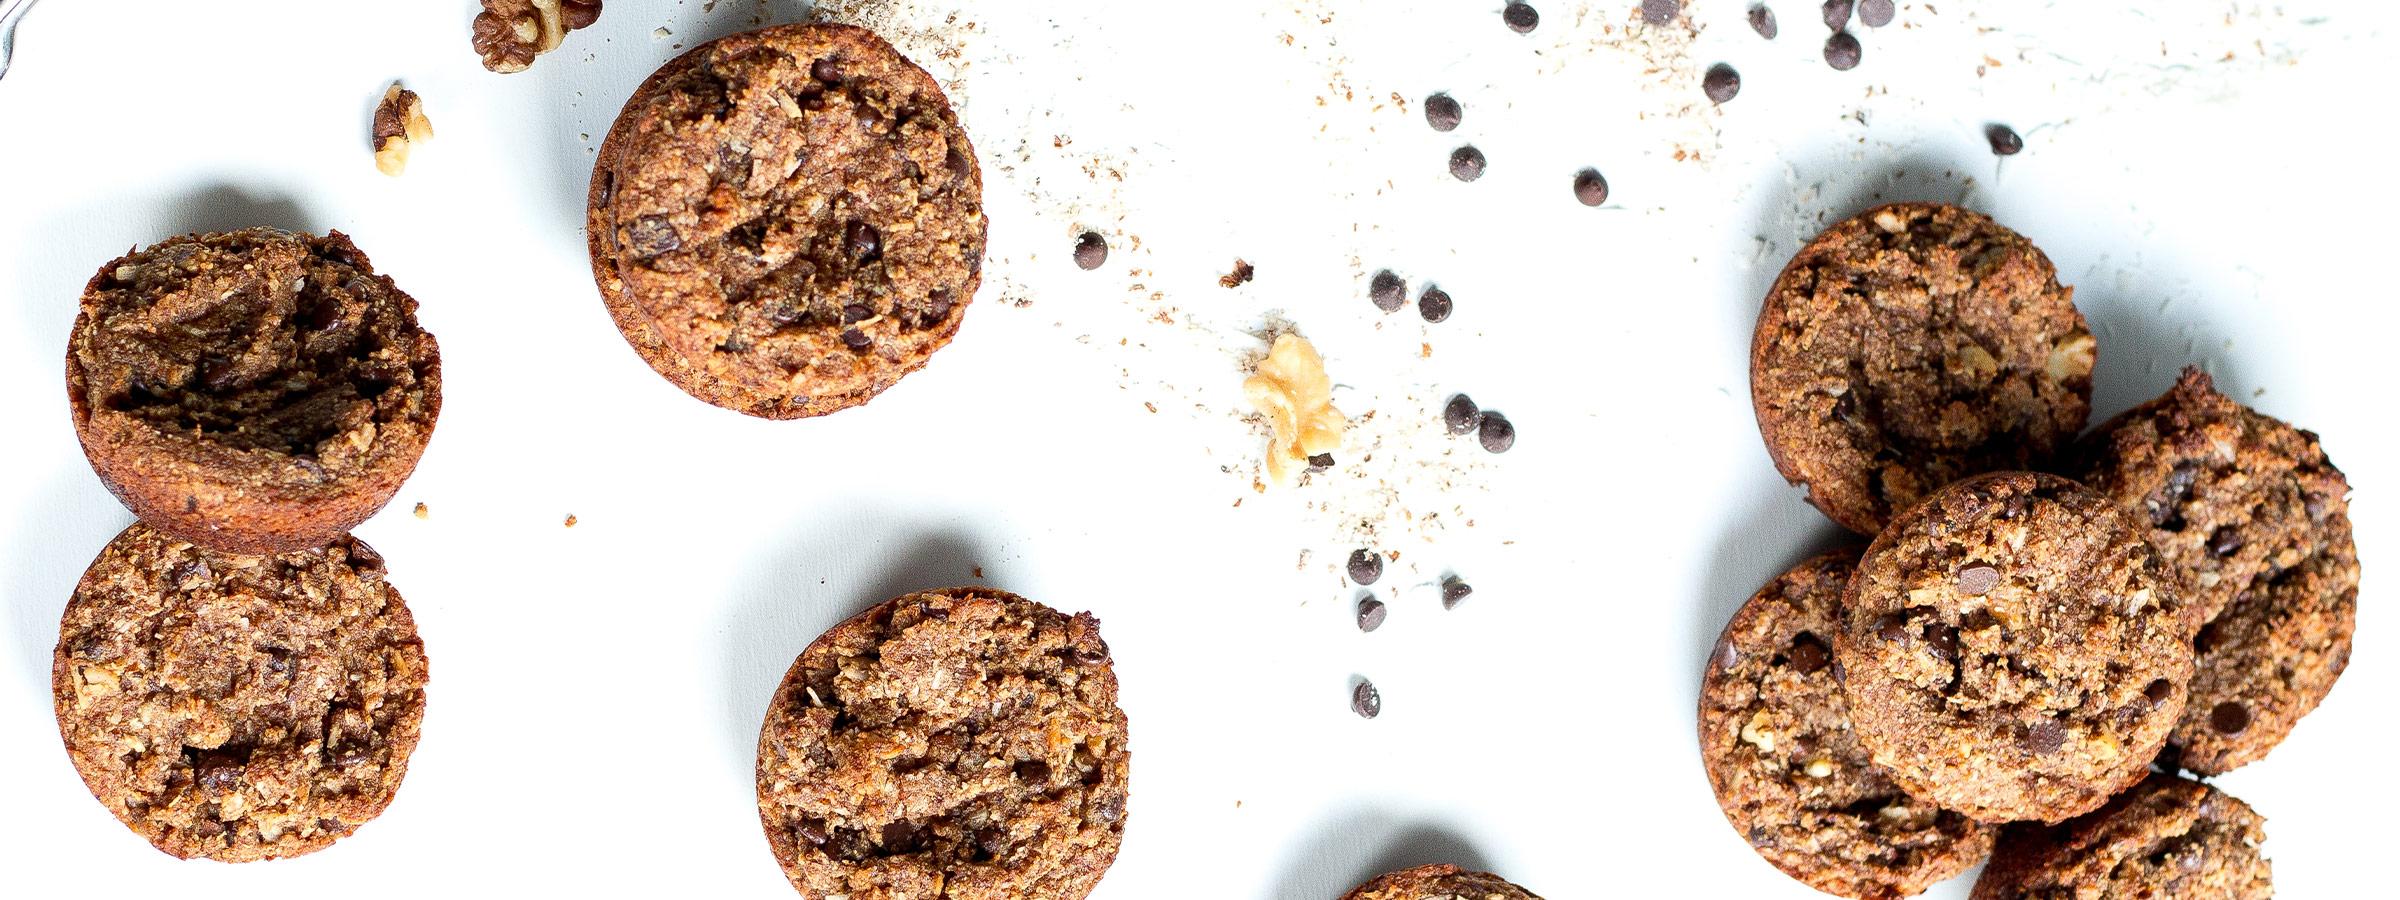 chocolate chip coconut muffing hero